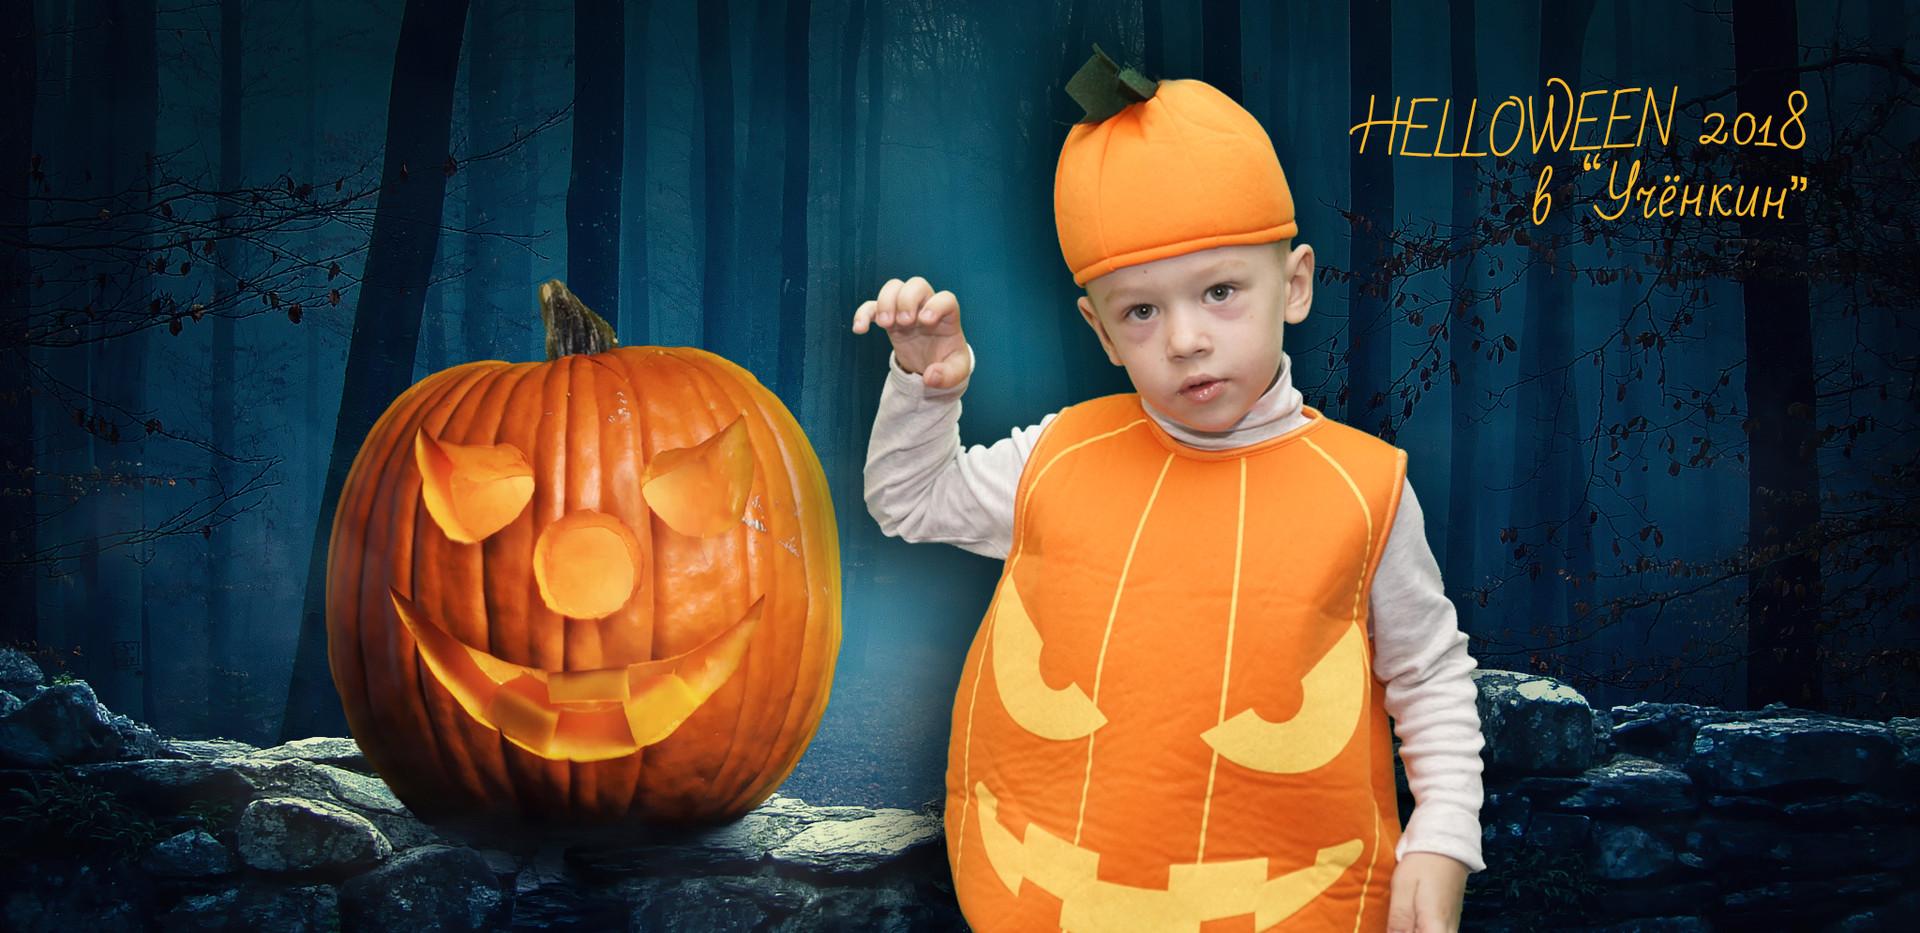 Halloween_Pumpkin_452075.jpg